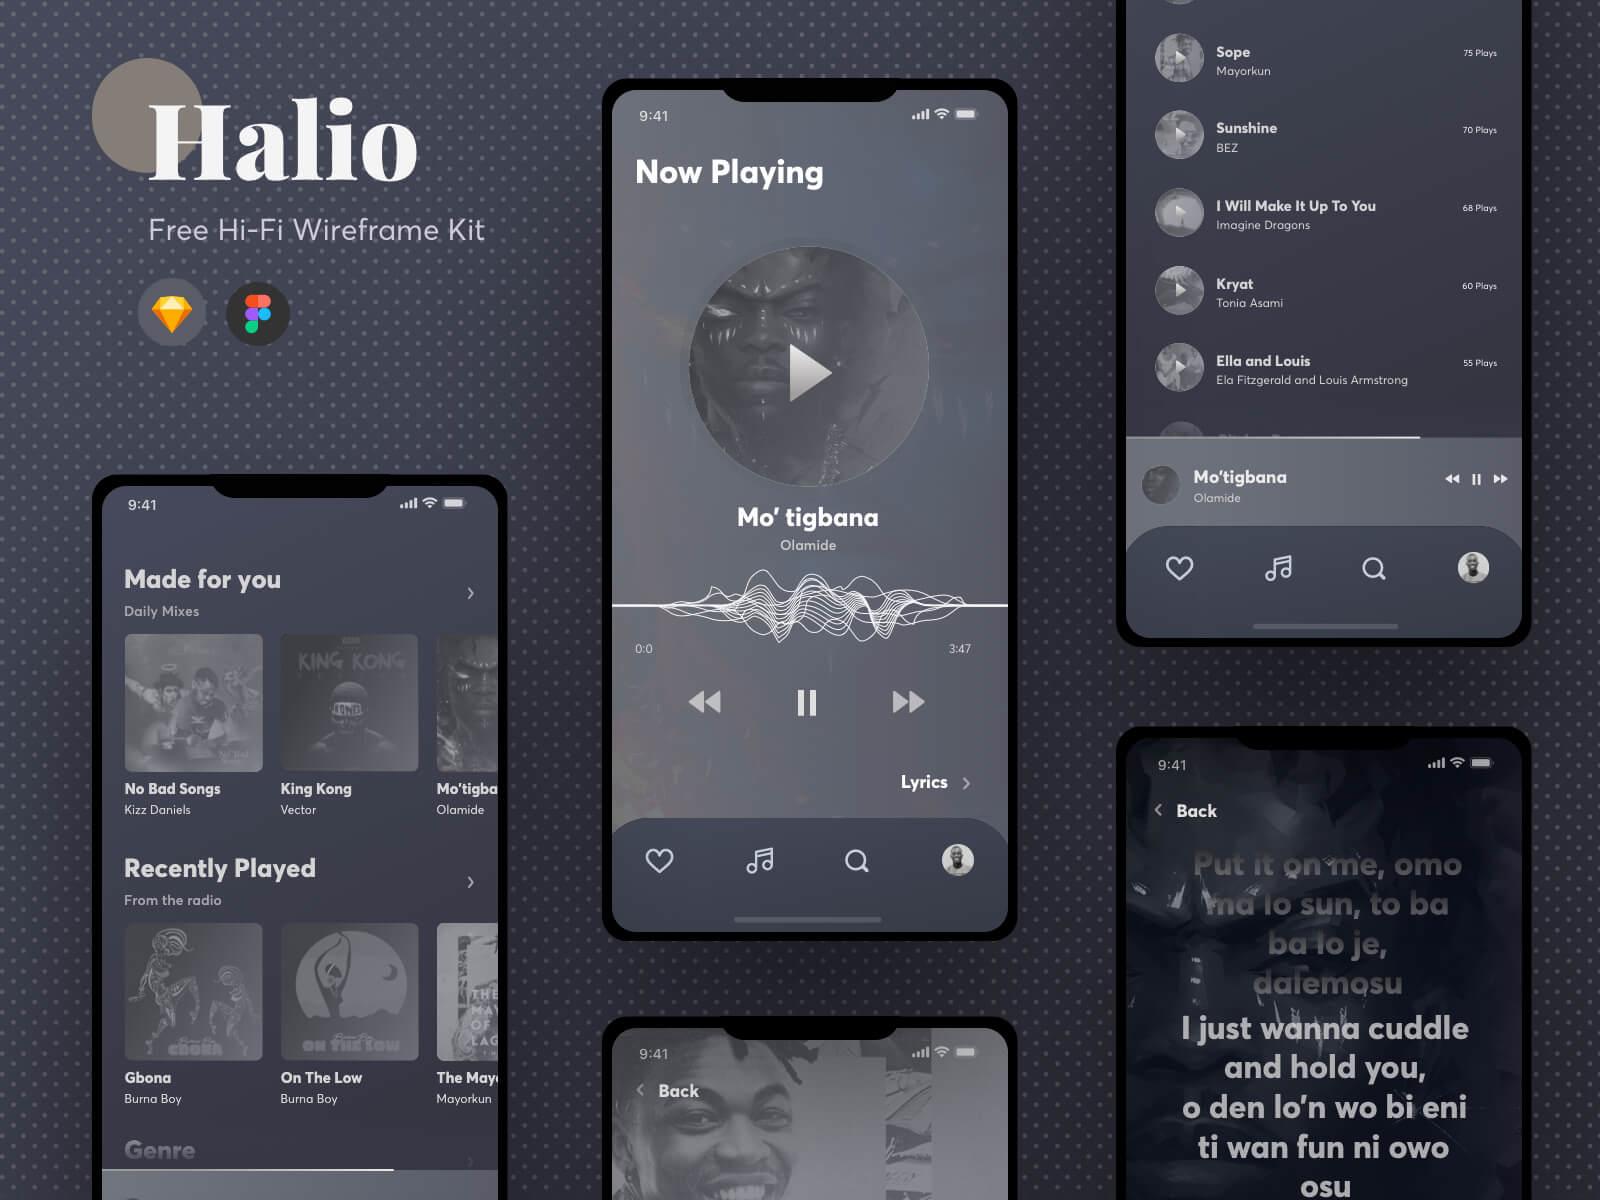 Halio - Free Hi-Fi Wireframing Kit cover image